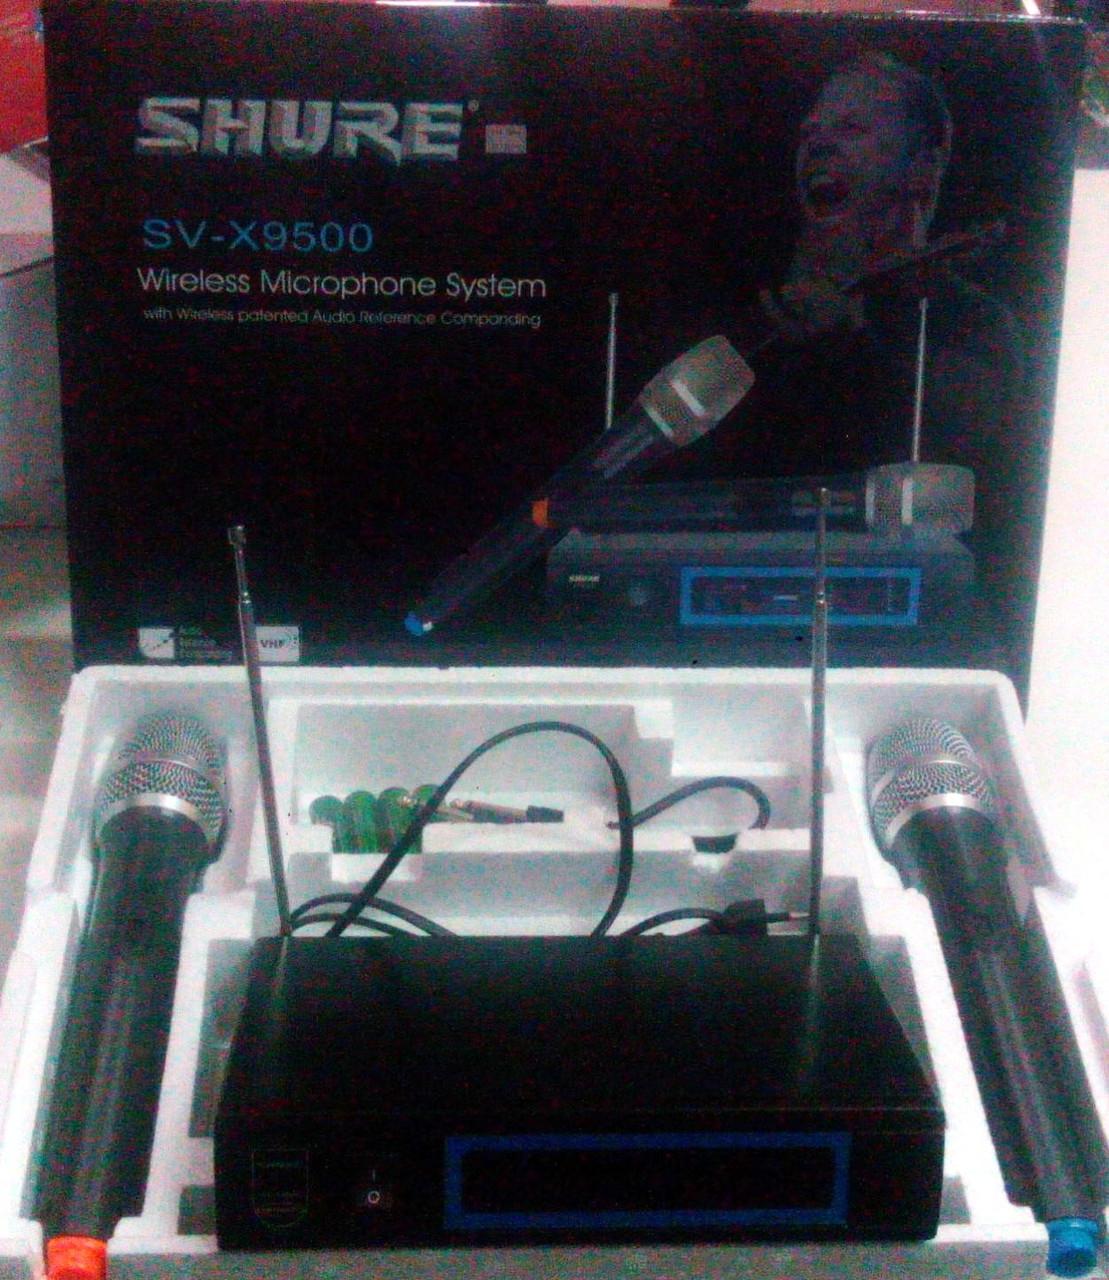 Двухканальная беспроводная микрофонная UHF система Shure SV-X9500 (копия хорошего качества)